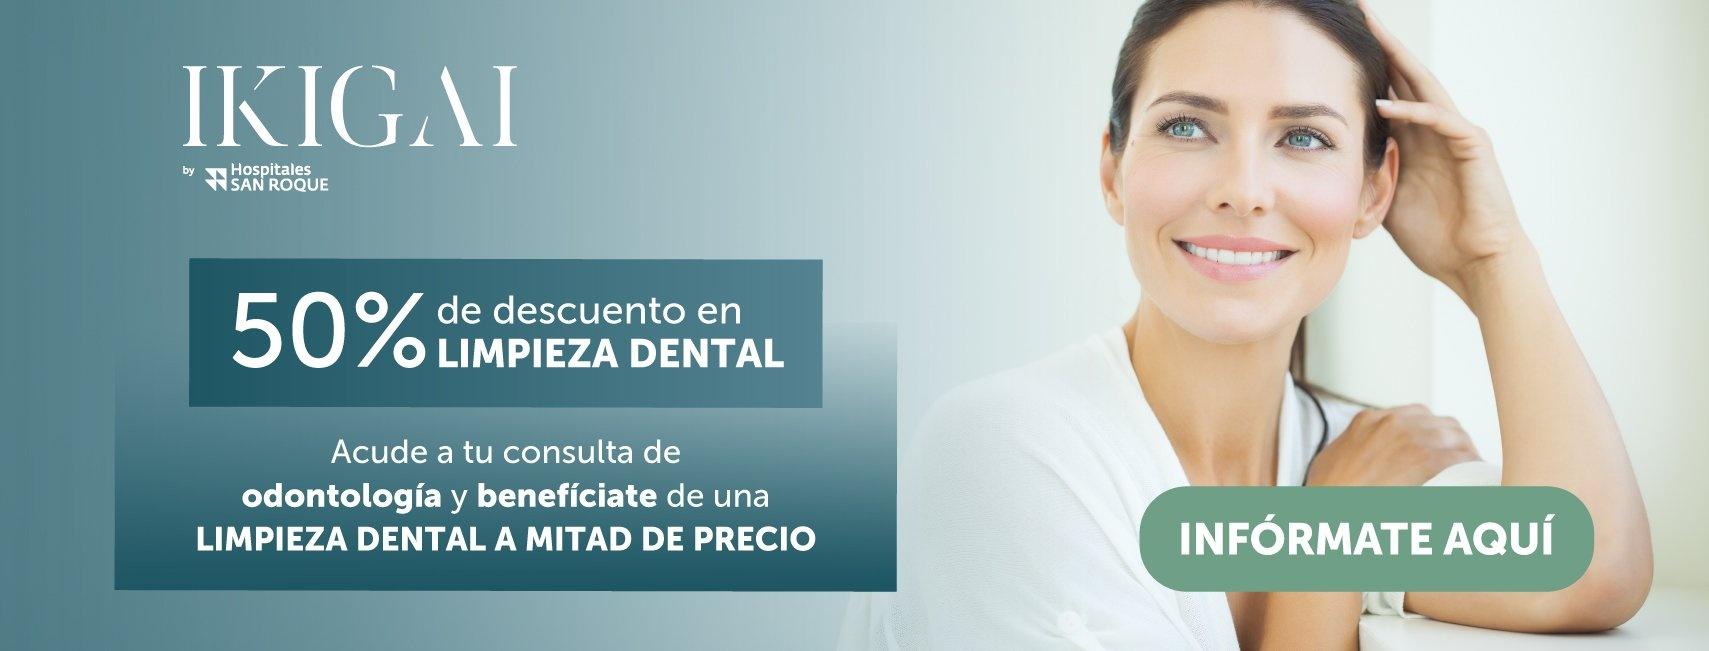 promocion-limpieza-dental-ikigai-laspalmas